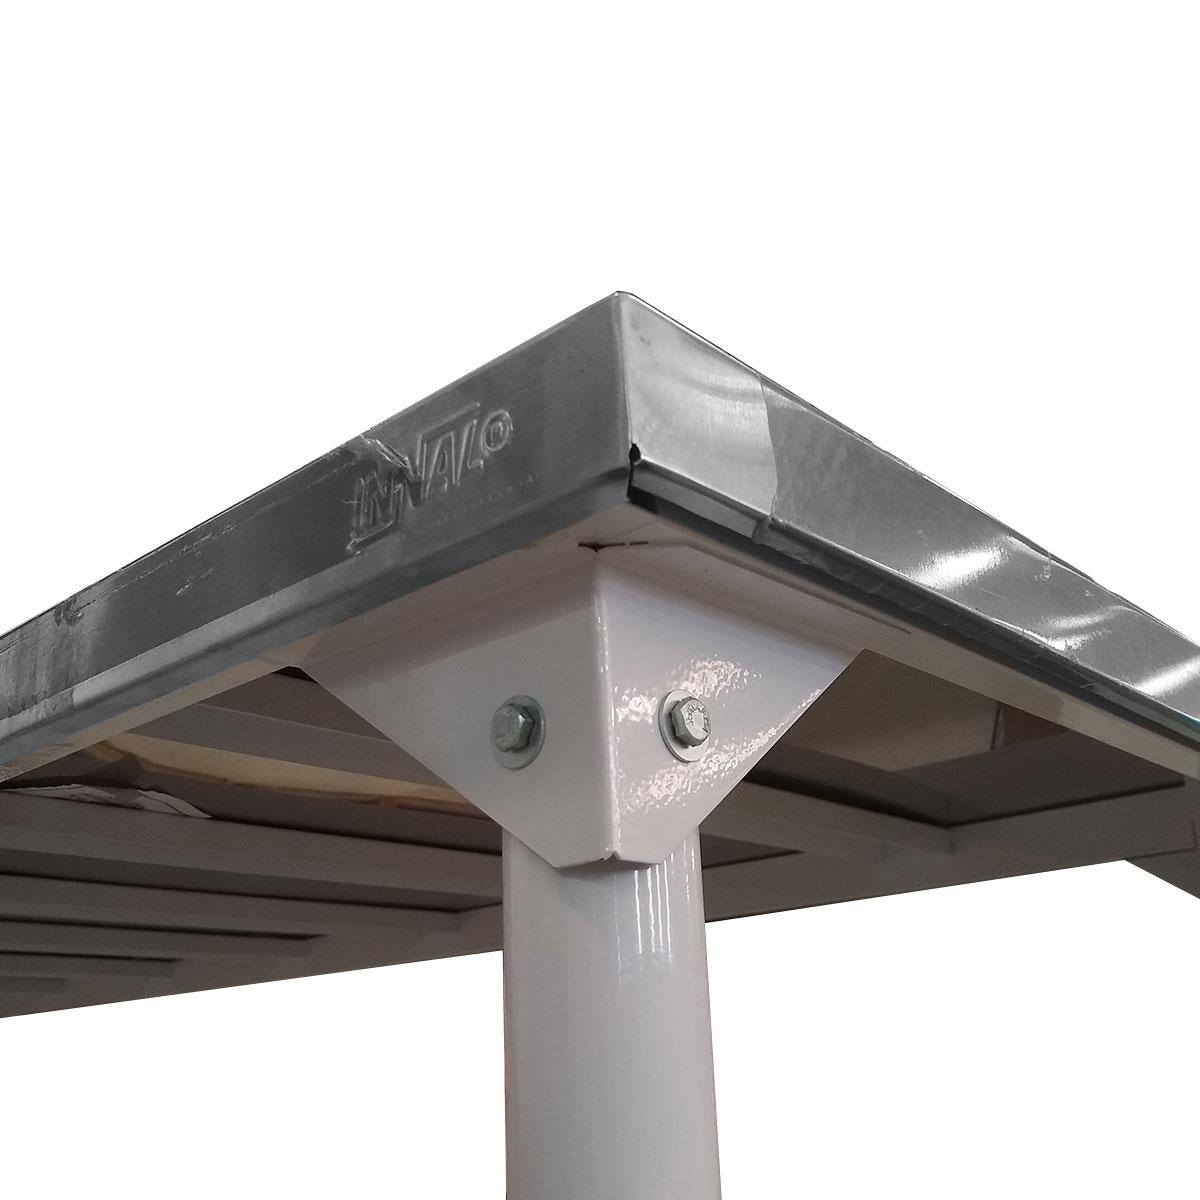 Mesa em Inox Innal 70x70 Contraventada Em H  - Carmel Equipamentos